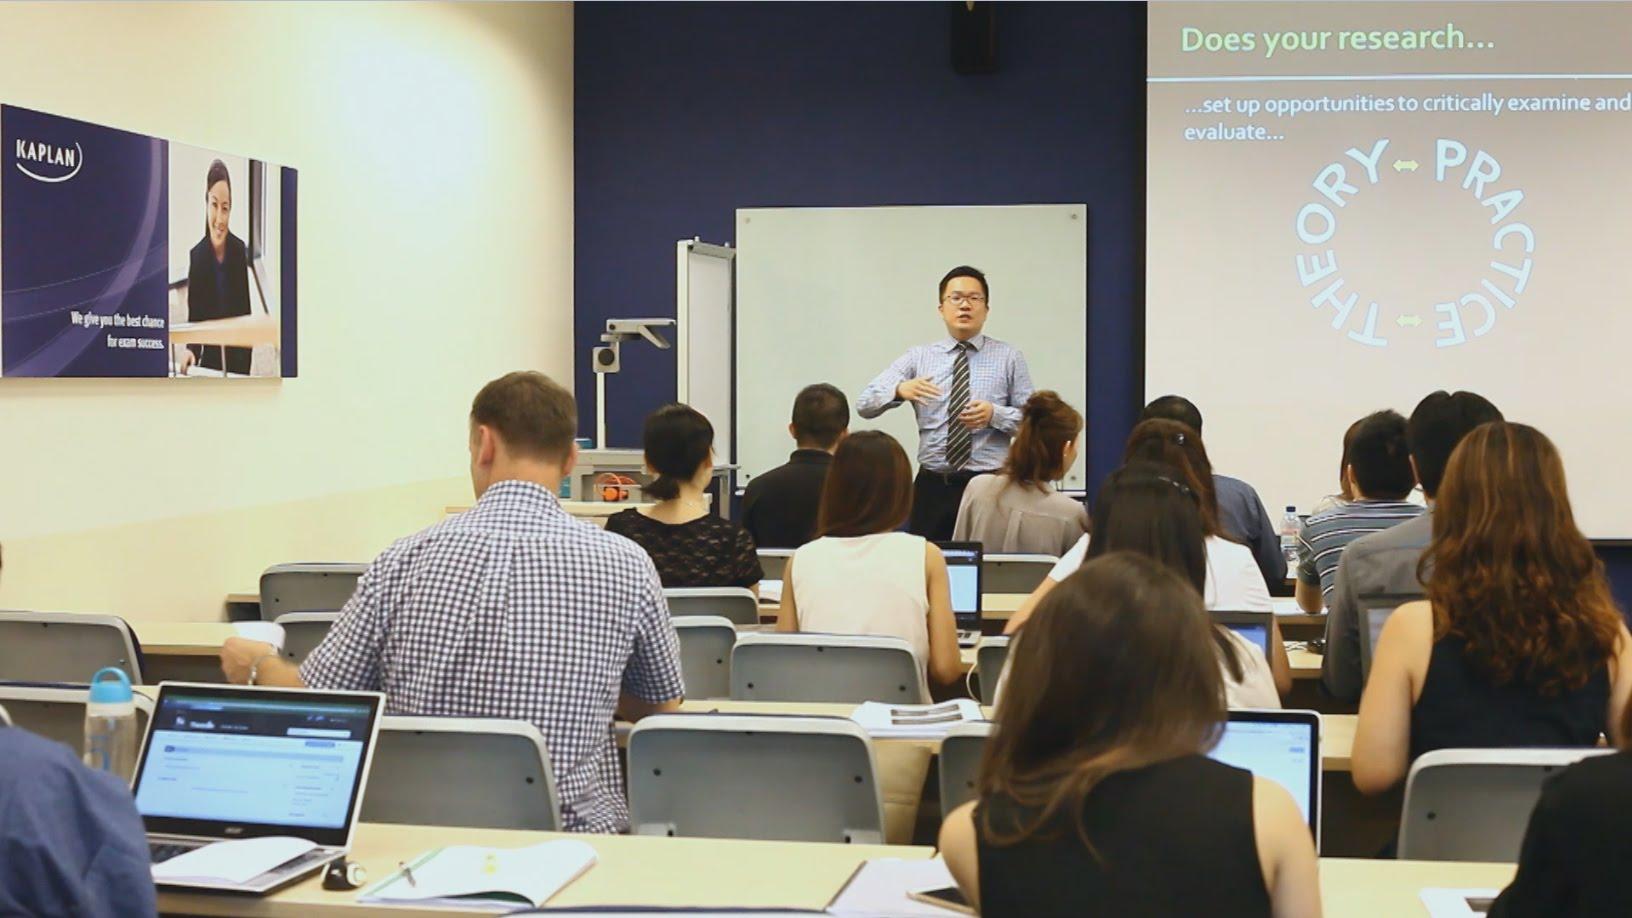 Tại Kaplan, sinh viên được cung cấp môi trường học tập phát triển tối đa tiềm năng bản thân